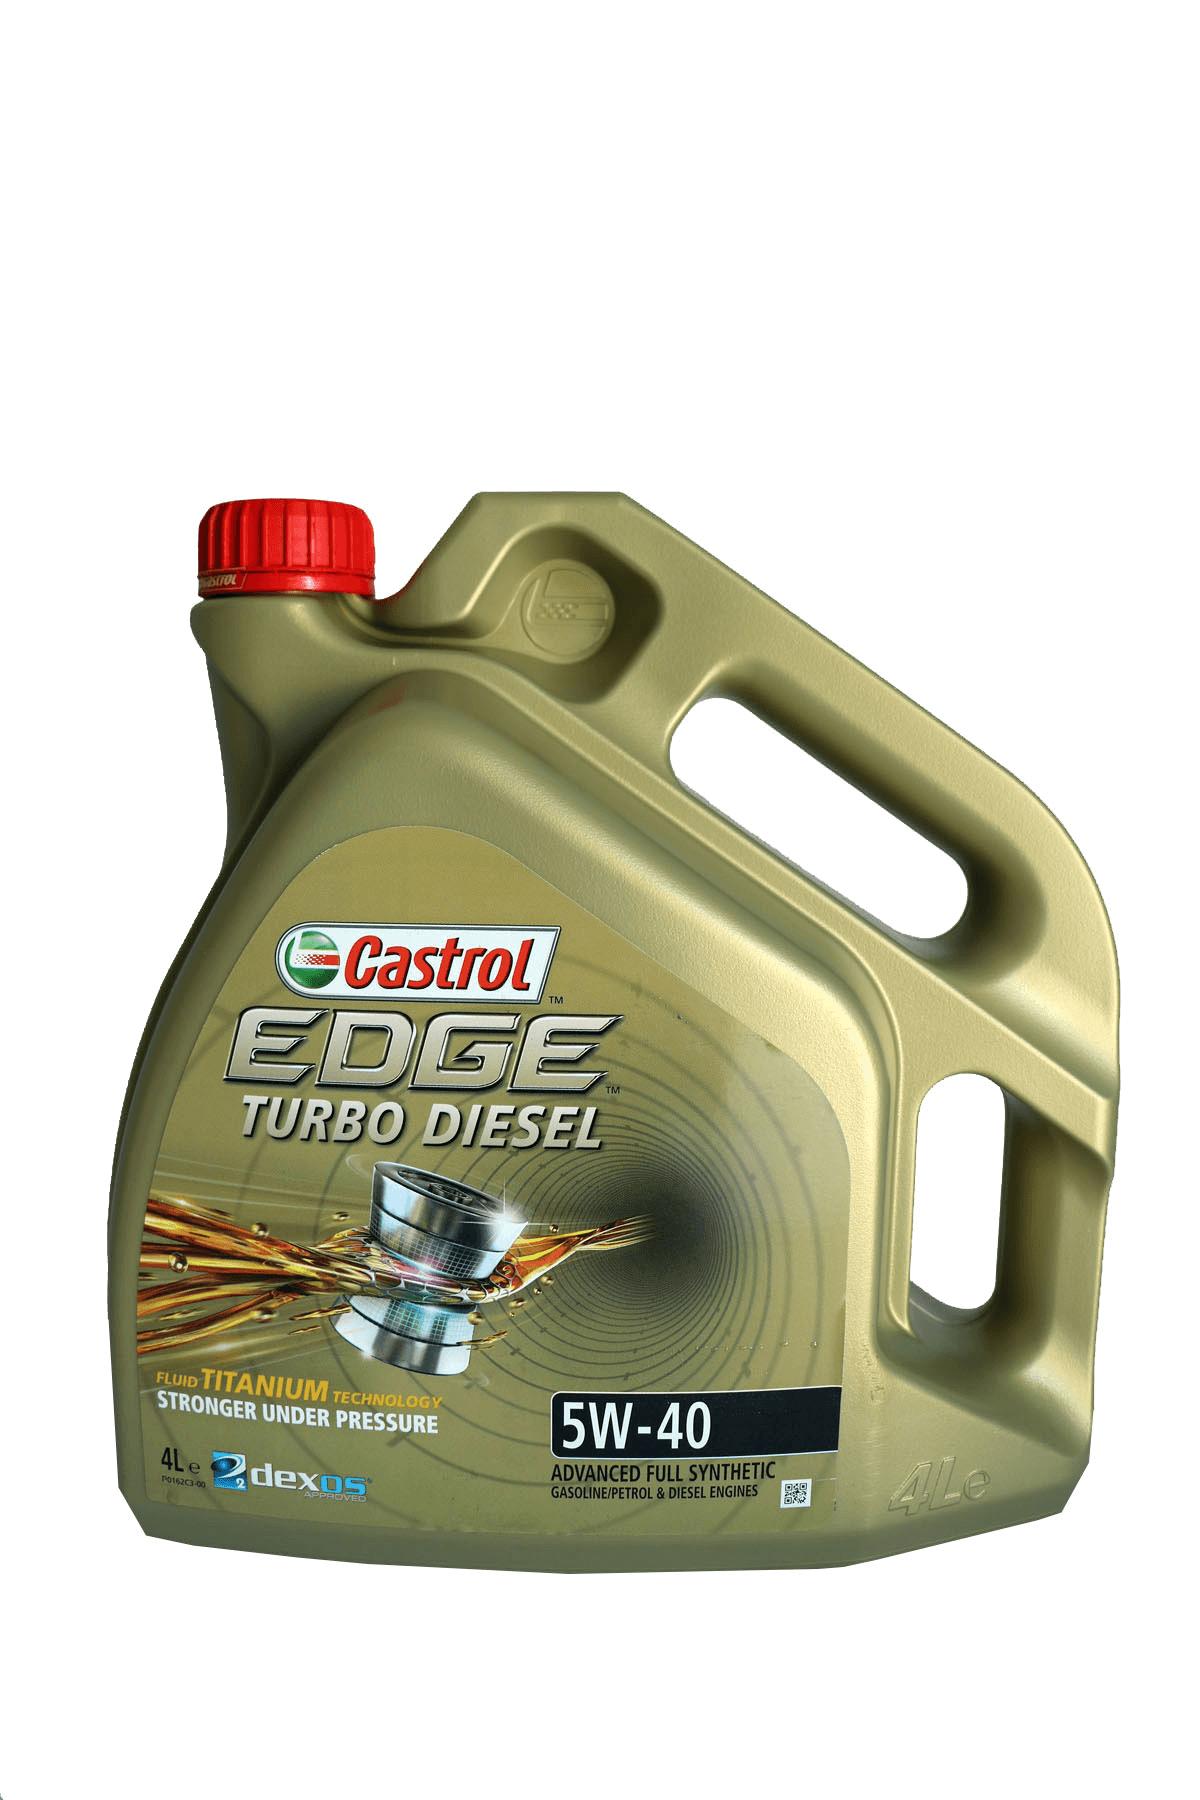 Castrol Edge Turbo Diesel 5W-40 Motoröl, 4l